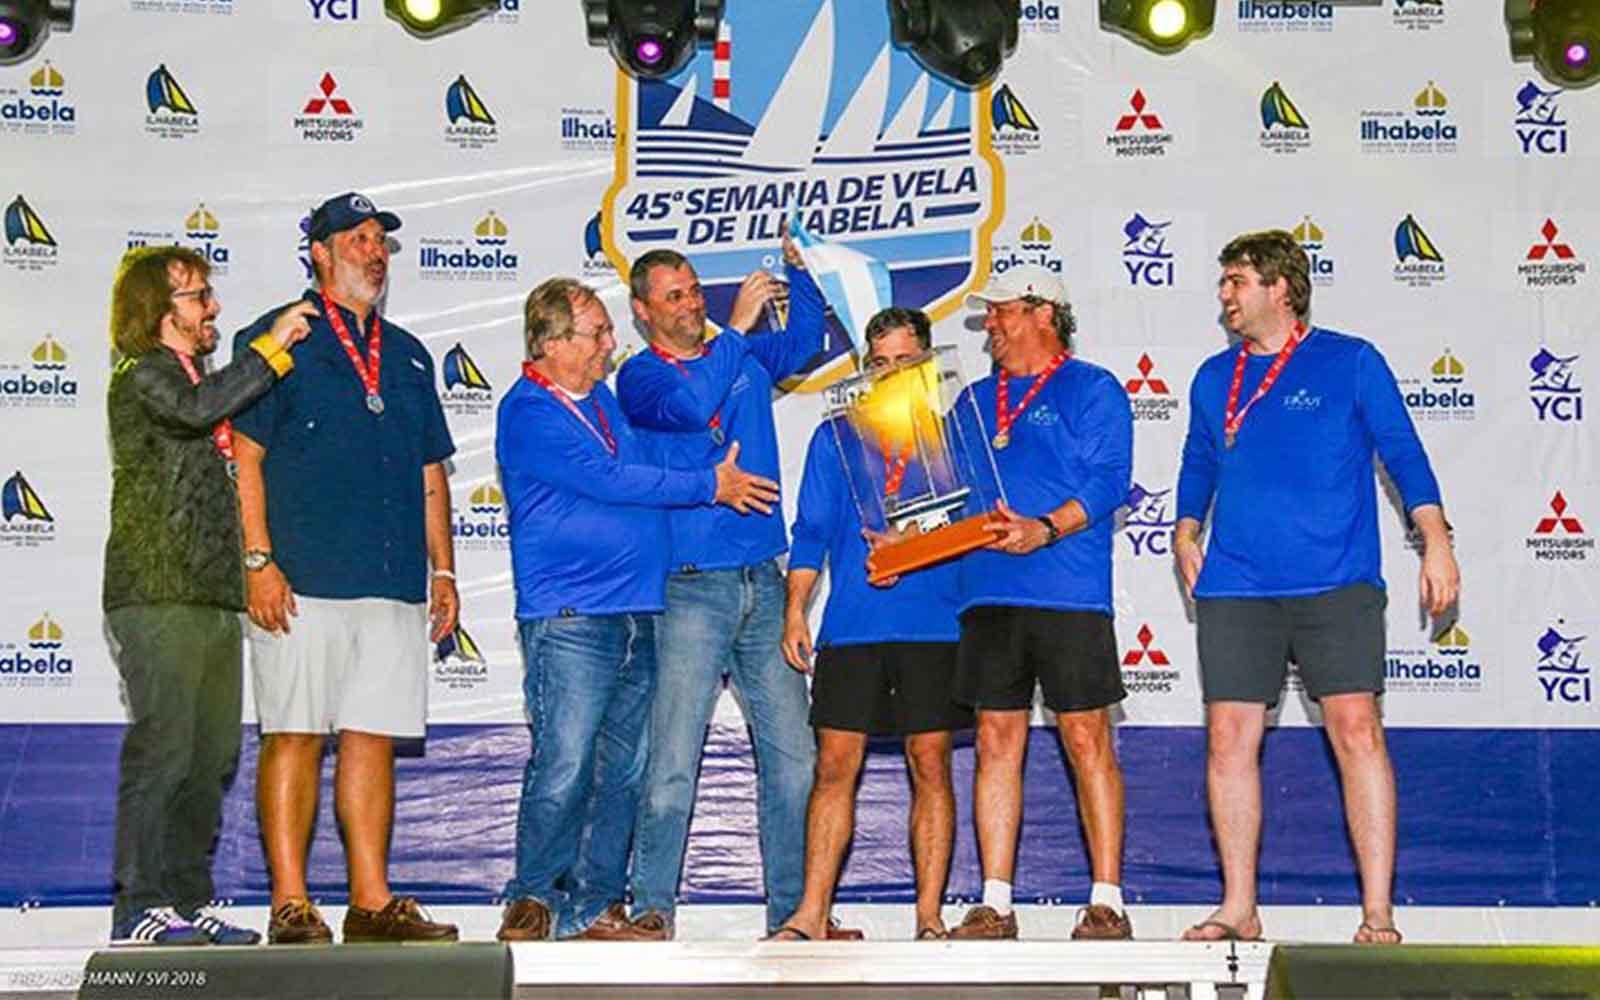 Semana de Vela de Ilhabela-]campeões da Toque-Toque-fred hofmann-boatshopping